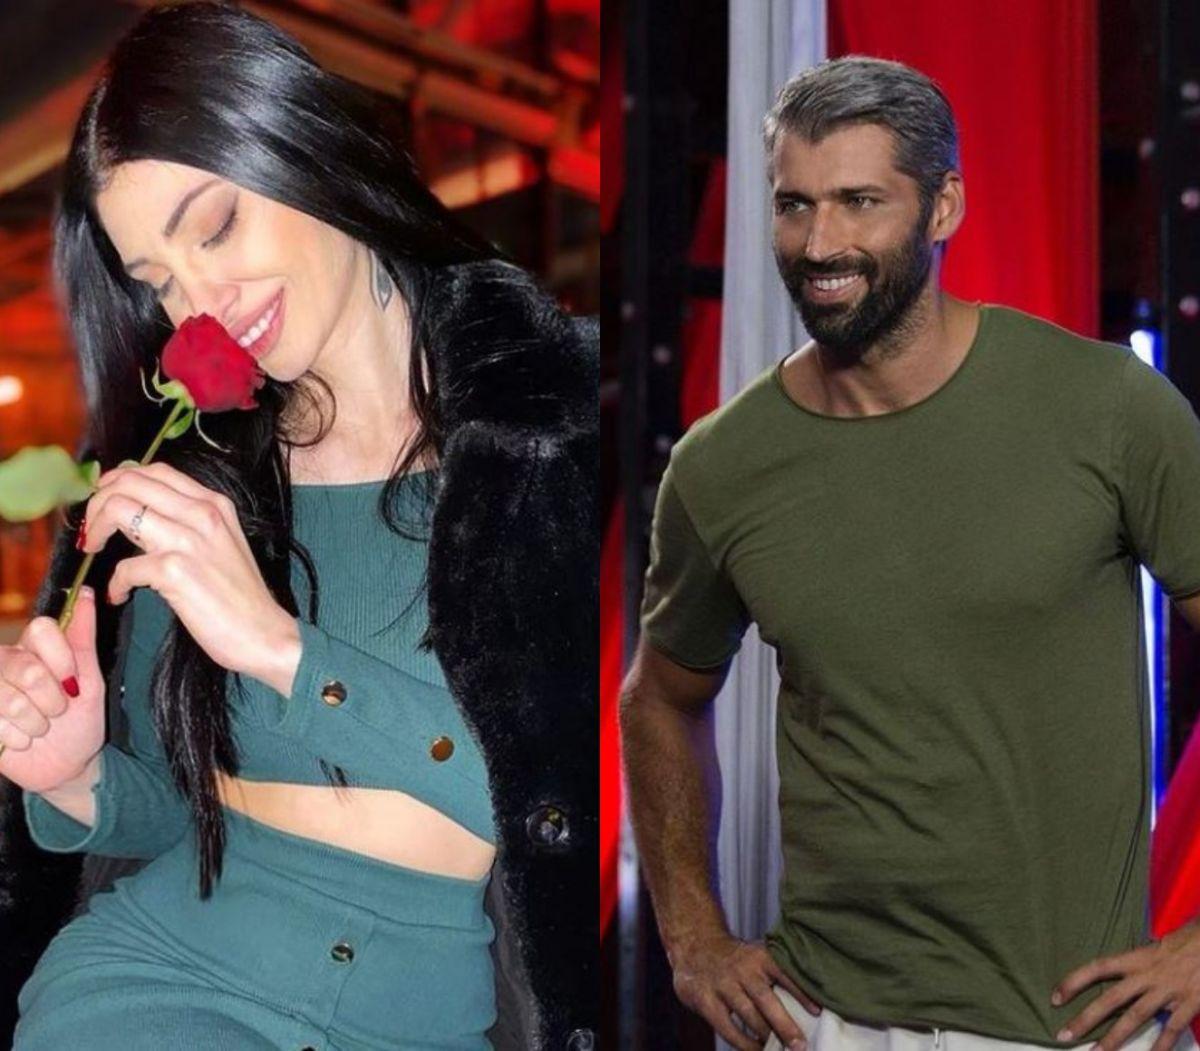 Η Σία Βοσκανίδου δηλώνει μετά την εμφάνιση της στο Bachelor: «Μου αρέσει ο Αλέξης Παππάς, είναι άντρακλας»